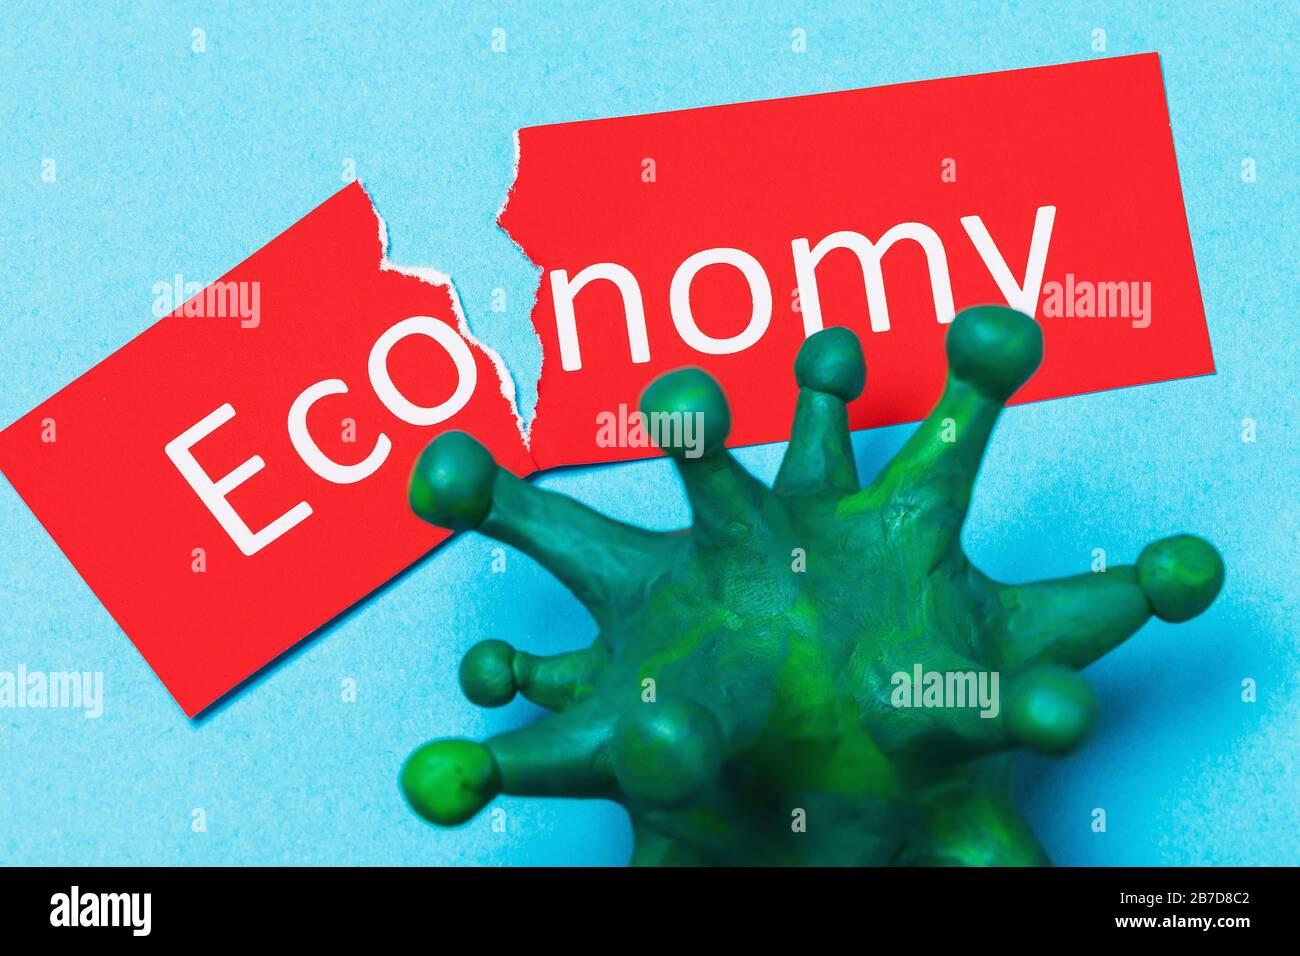 Zerrissener Tag mit Text und Coronavirus. Das Konzept der Auswirkungen von COVID-19 auf die Wirtschaft Stockfoto